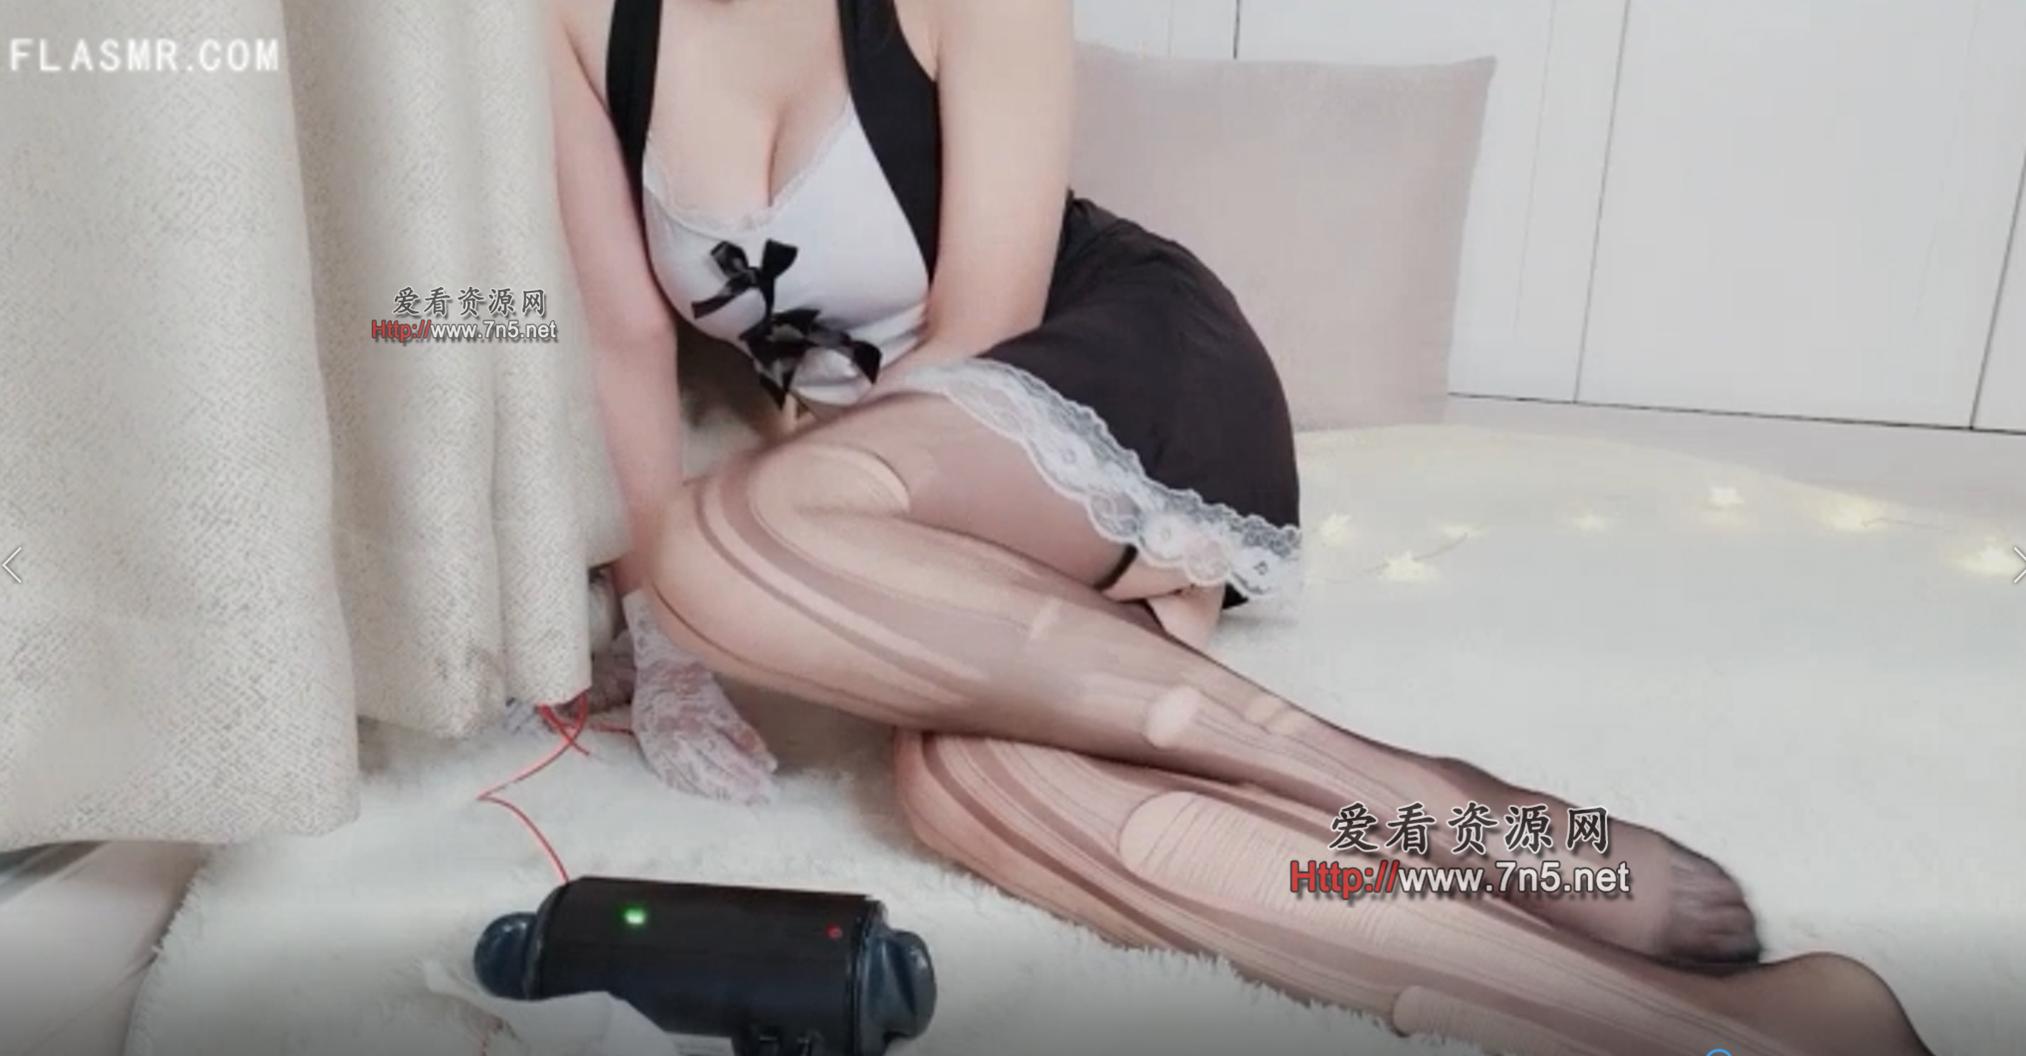 斗鱼妹子@黑米粥 火箭办卡视频写真COS大礼包[14V/300P/6.5G]